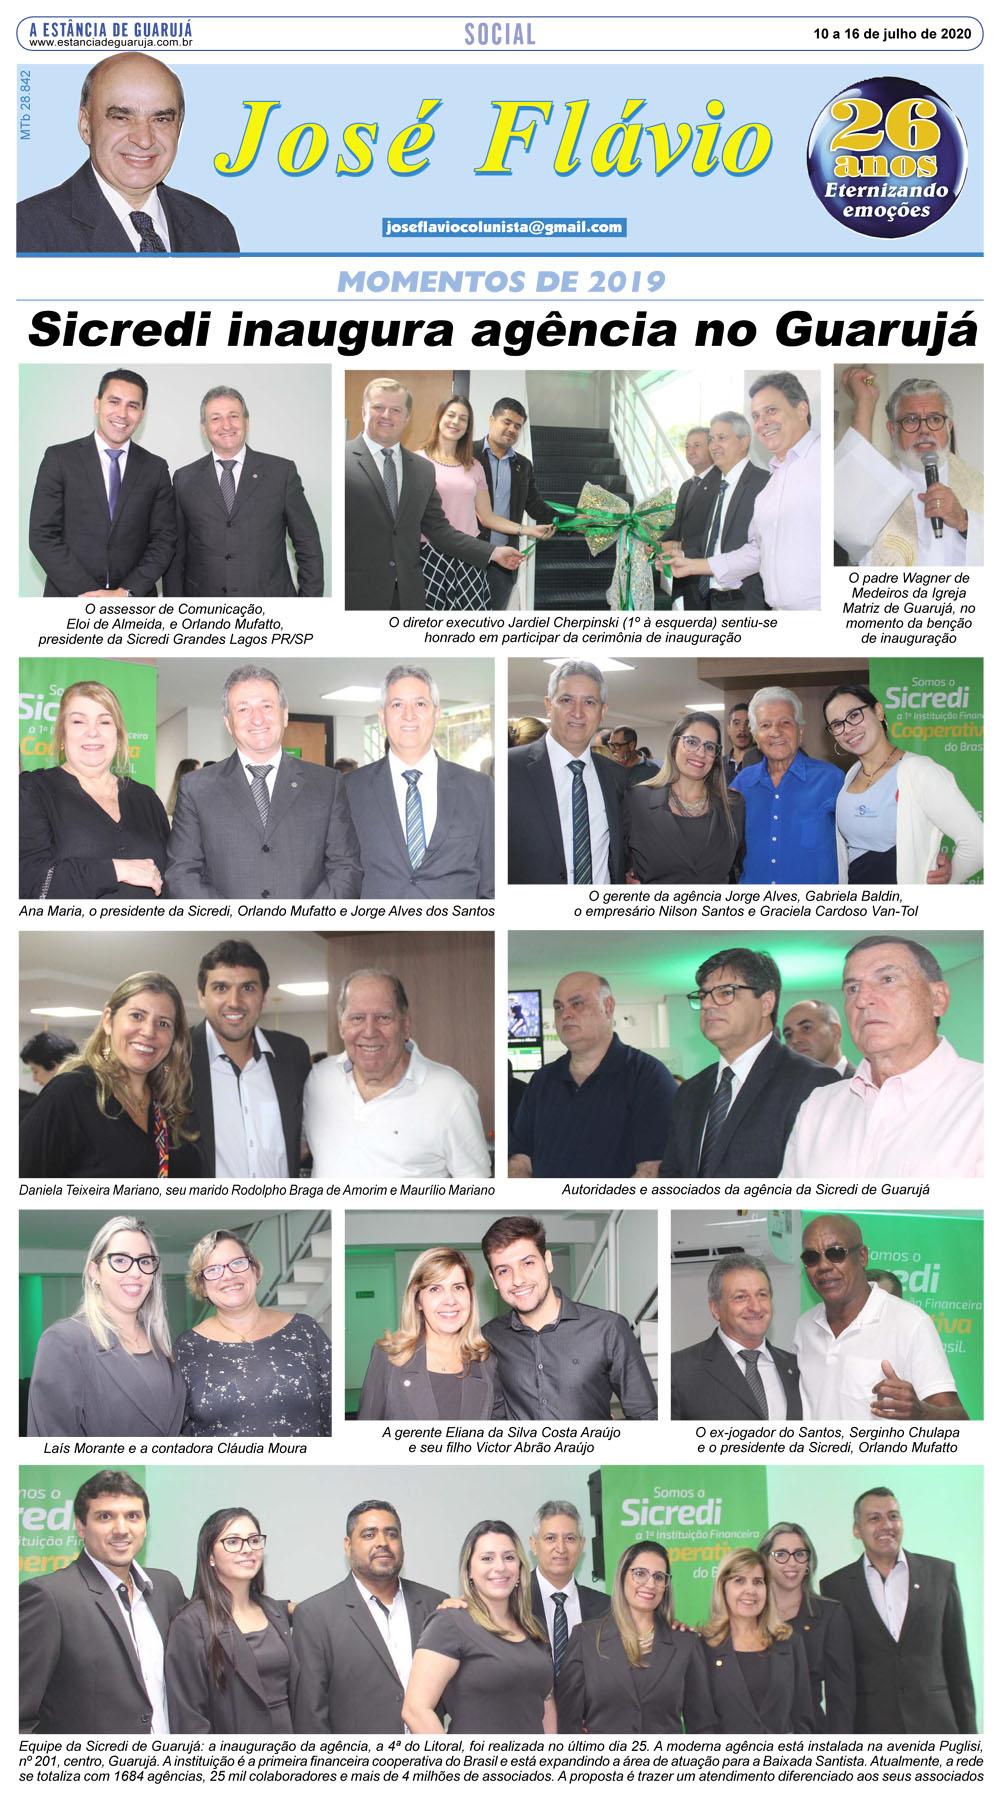 Momentos da inauguração da agência Sicredi no Guarujá